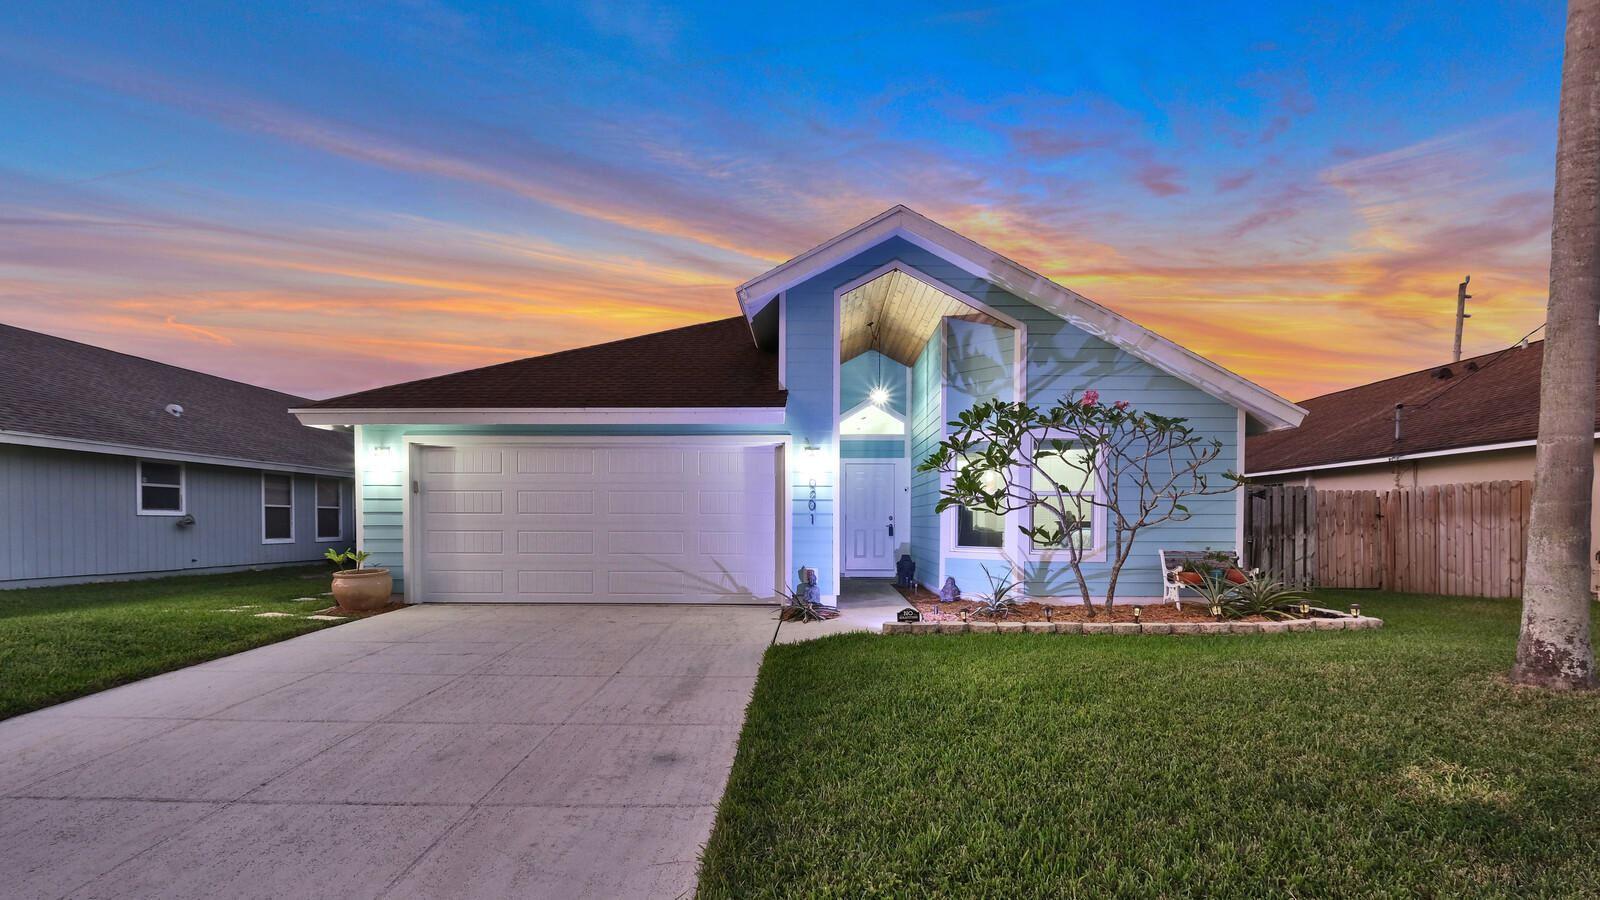 6201 Hollywood Street, Jupiter, FL 33458 - #: RX-10664460